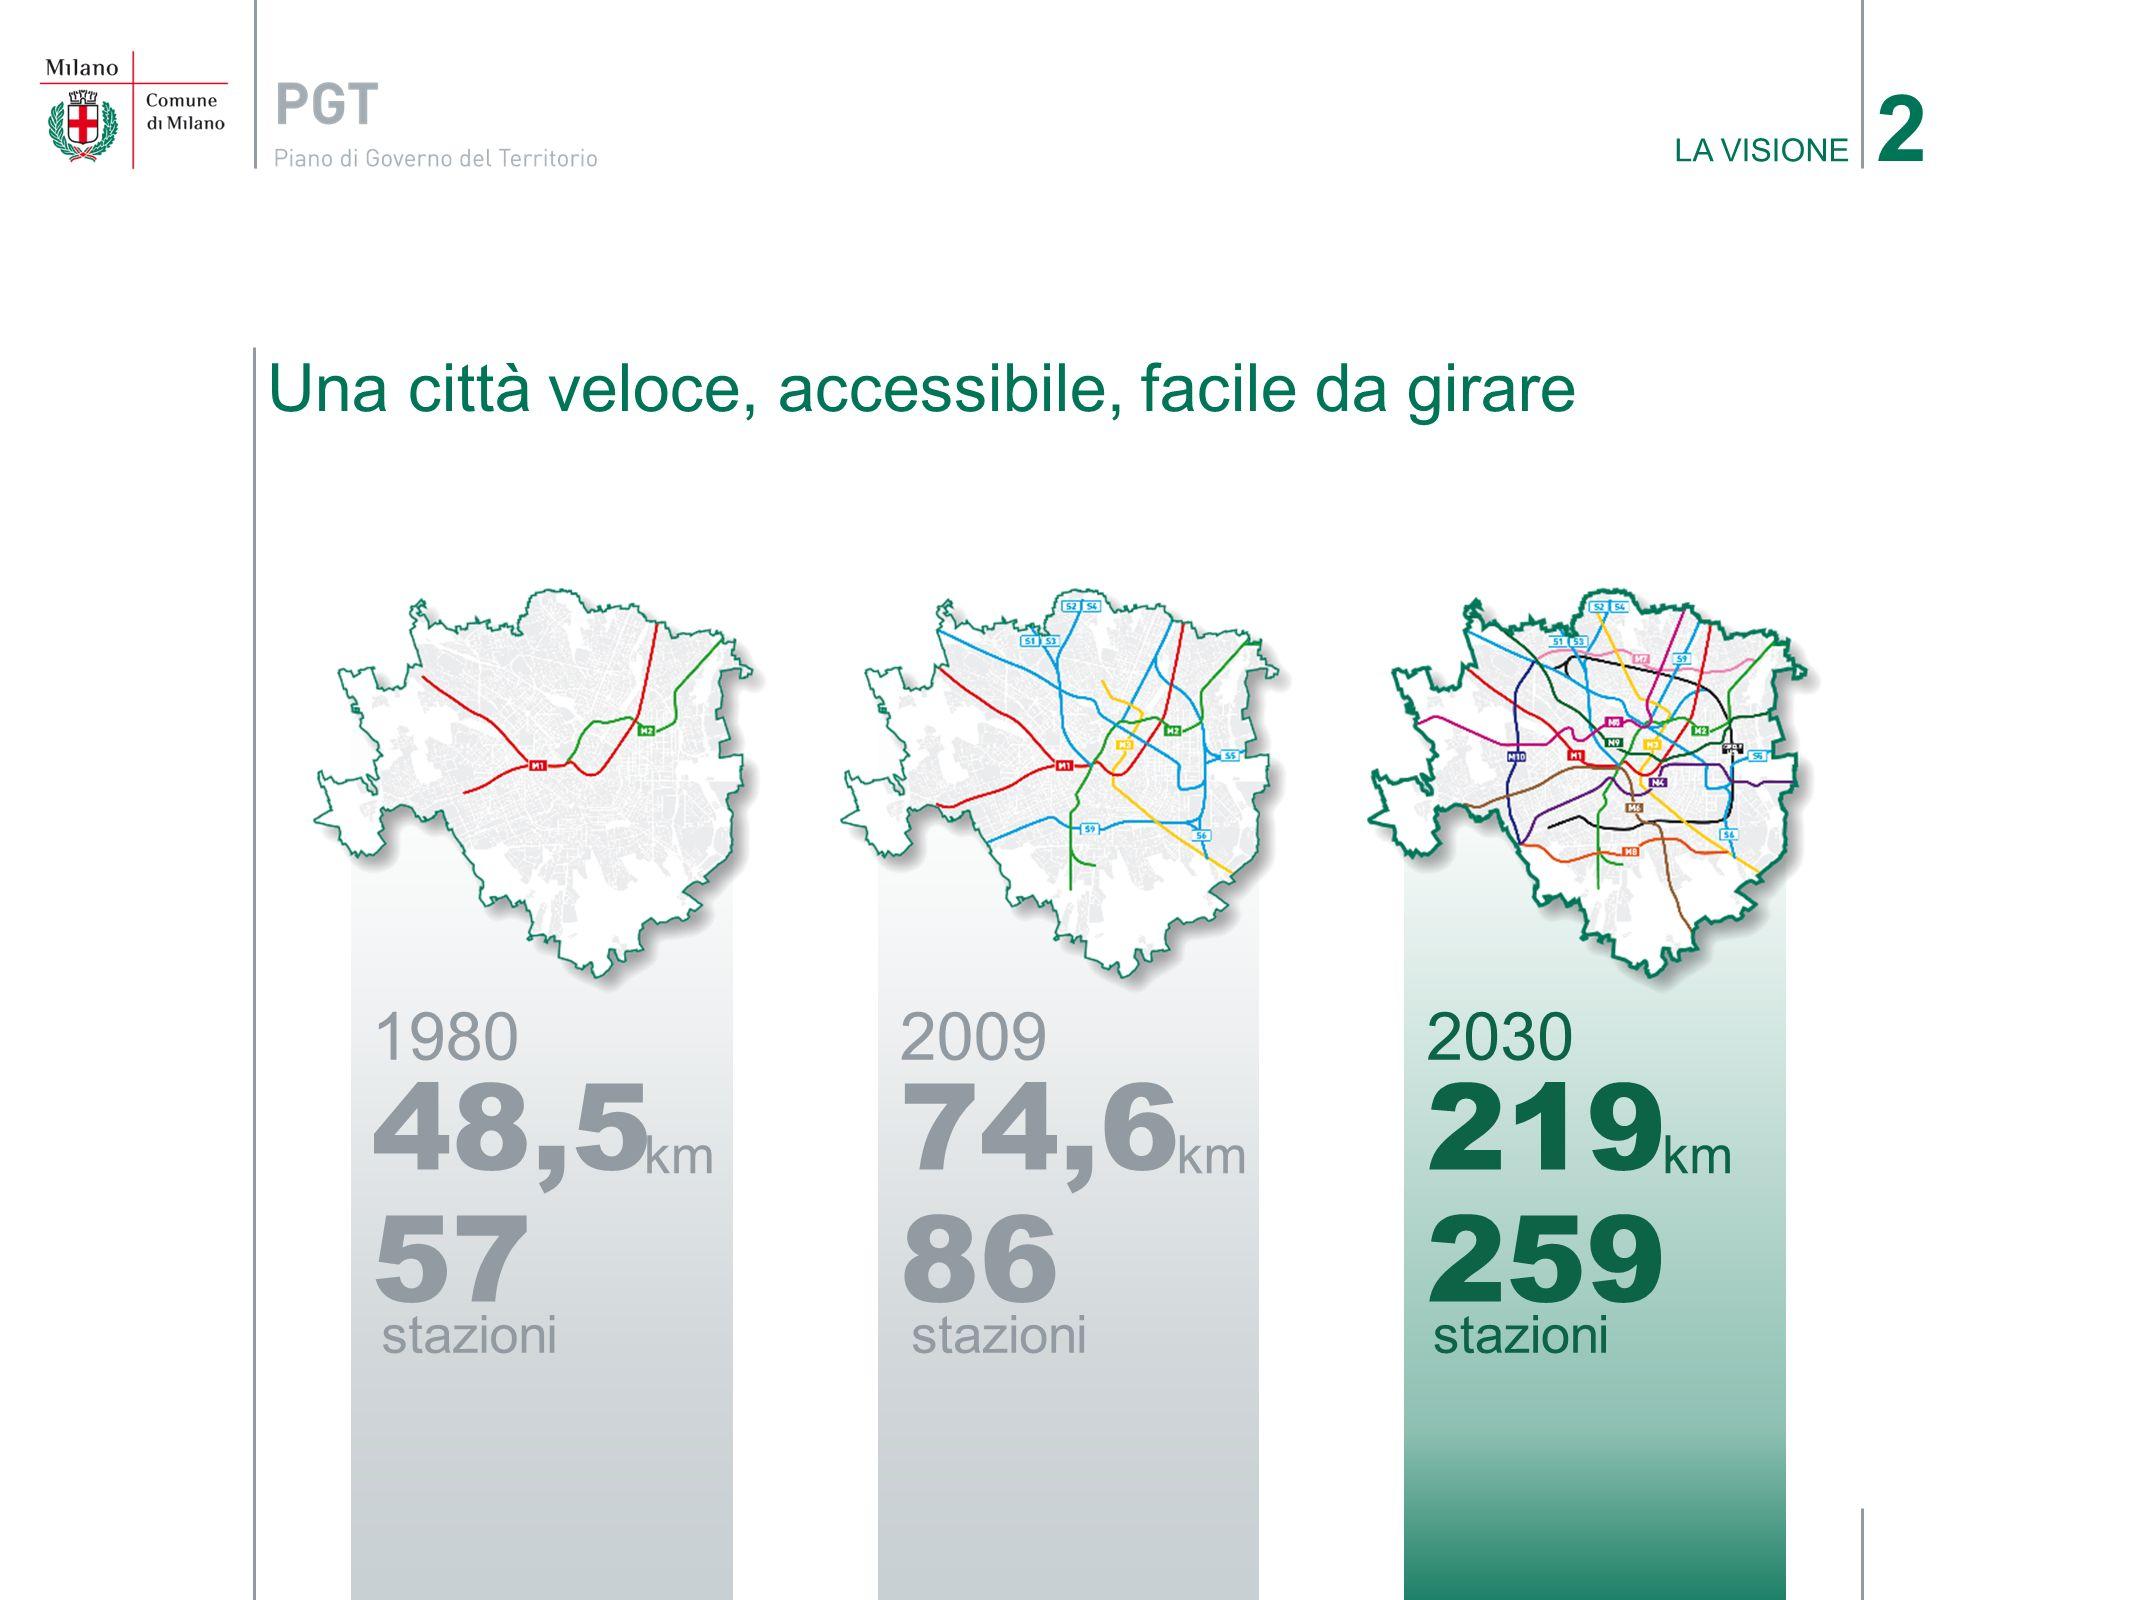 2009 74,6 km 86 stazioni 1980 48,5 km 57 stazioni 2030 219 km 259 stazioni Una città veloce, accessibile, facile da girare LA VISIONE 2